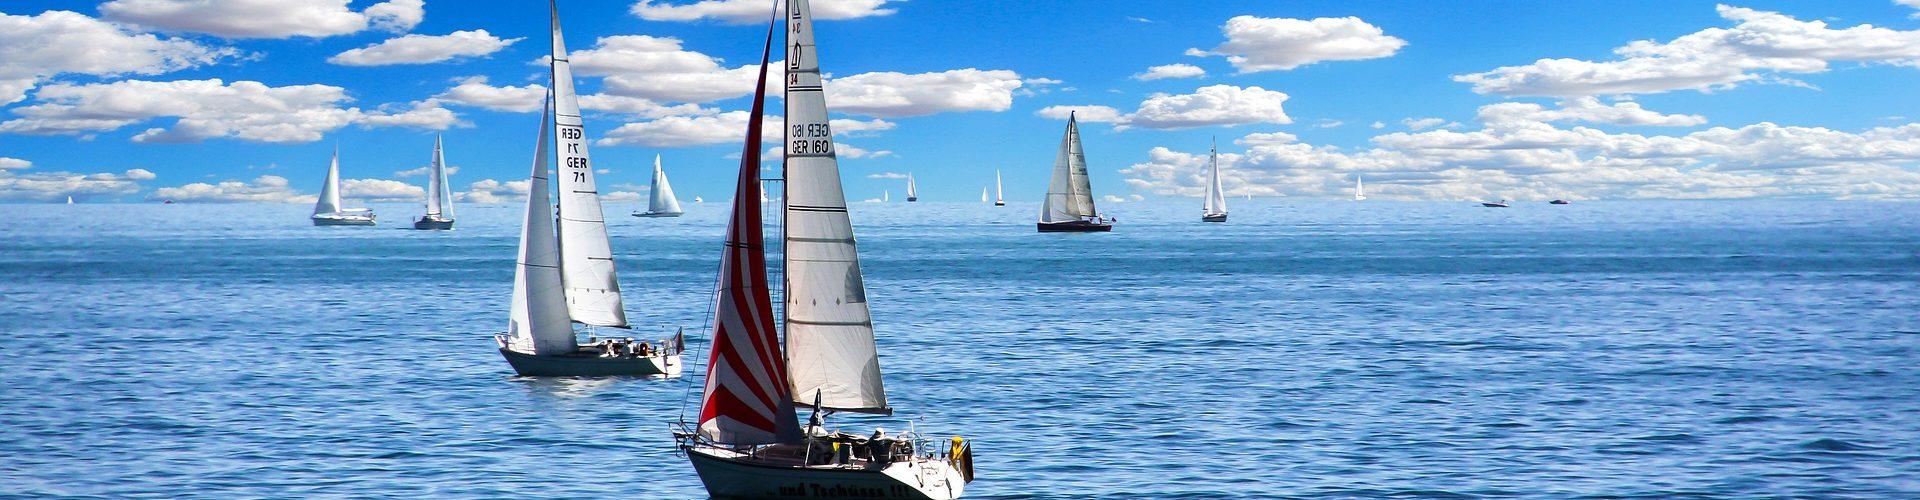 segeln lernen in Tespe segelschein machen in Tespe 1920x500 - Segeln lernen in Tespe